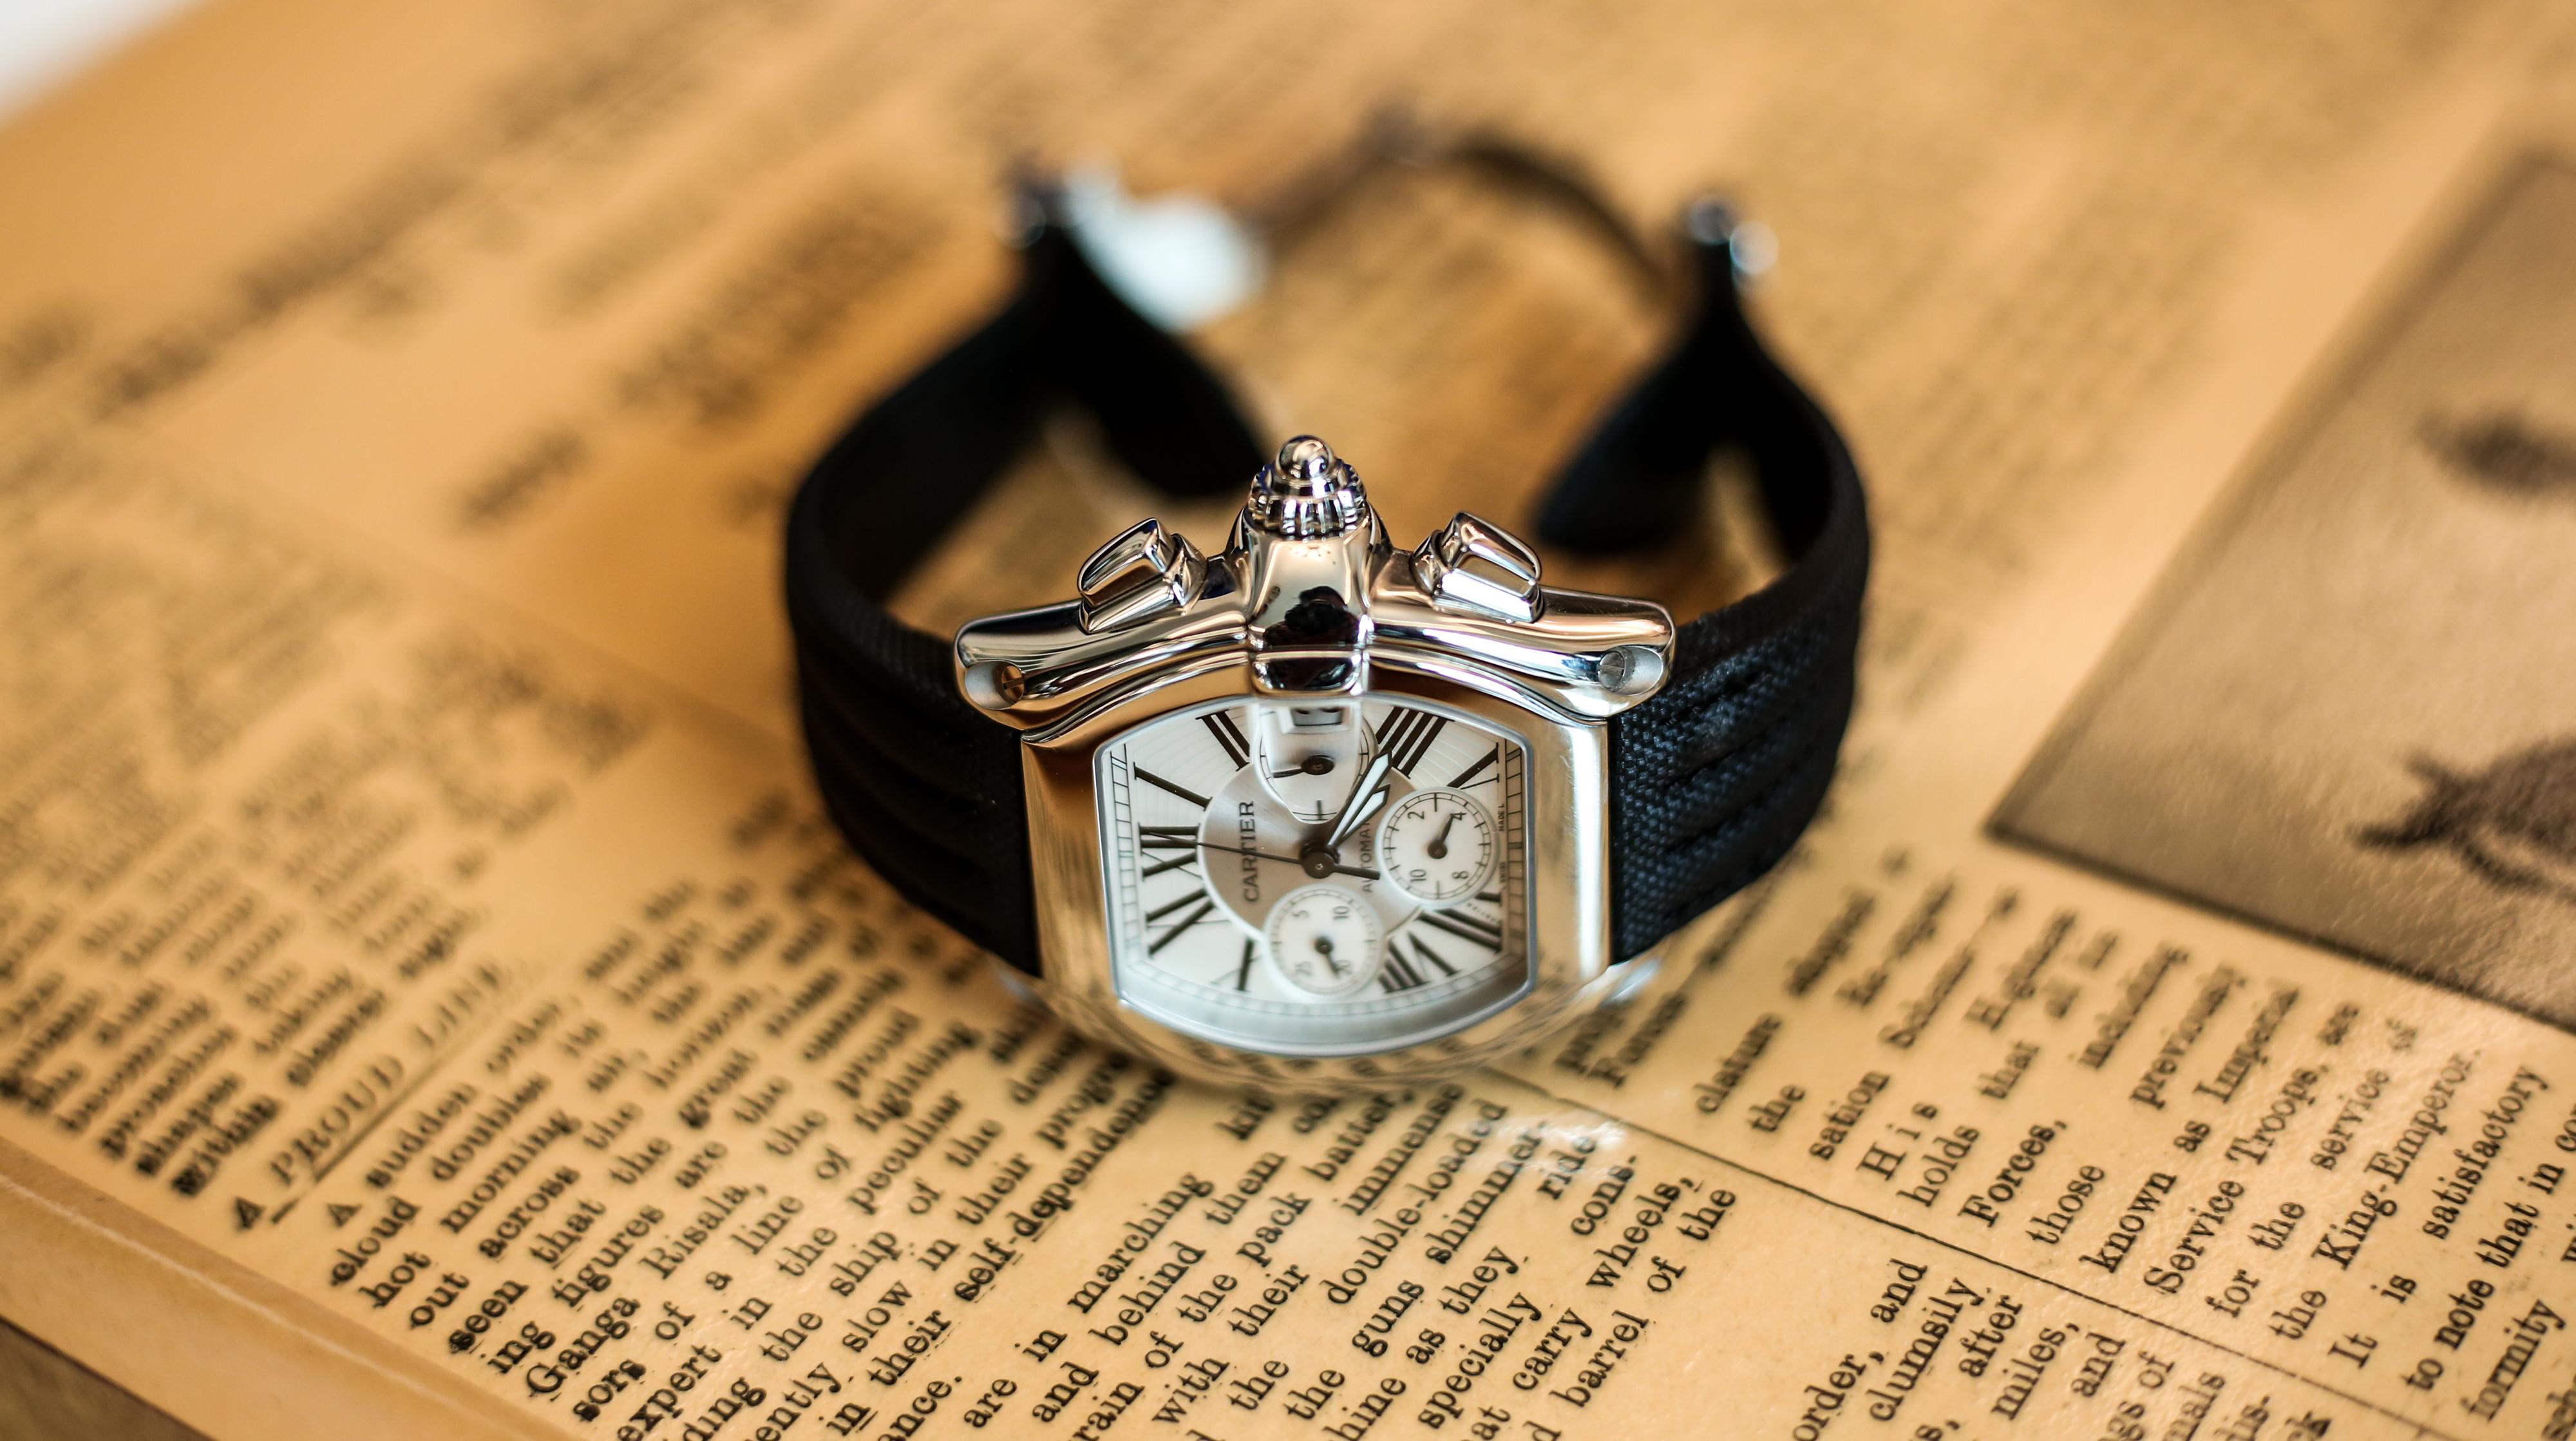 DILJEET TITUS 4 - Talking watches with Diljeet Titus